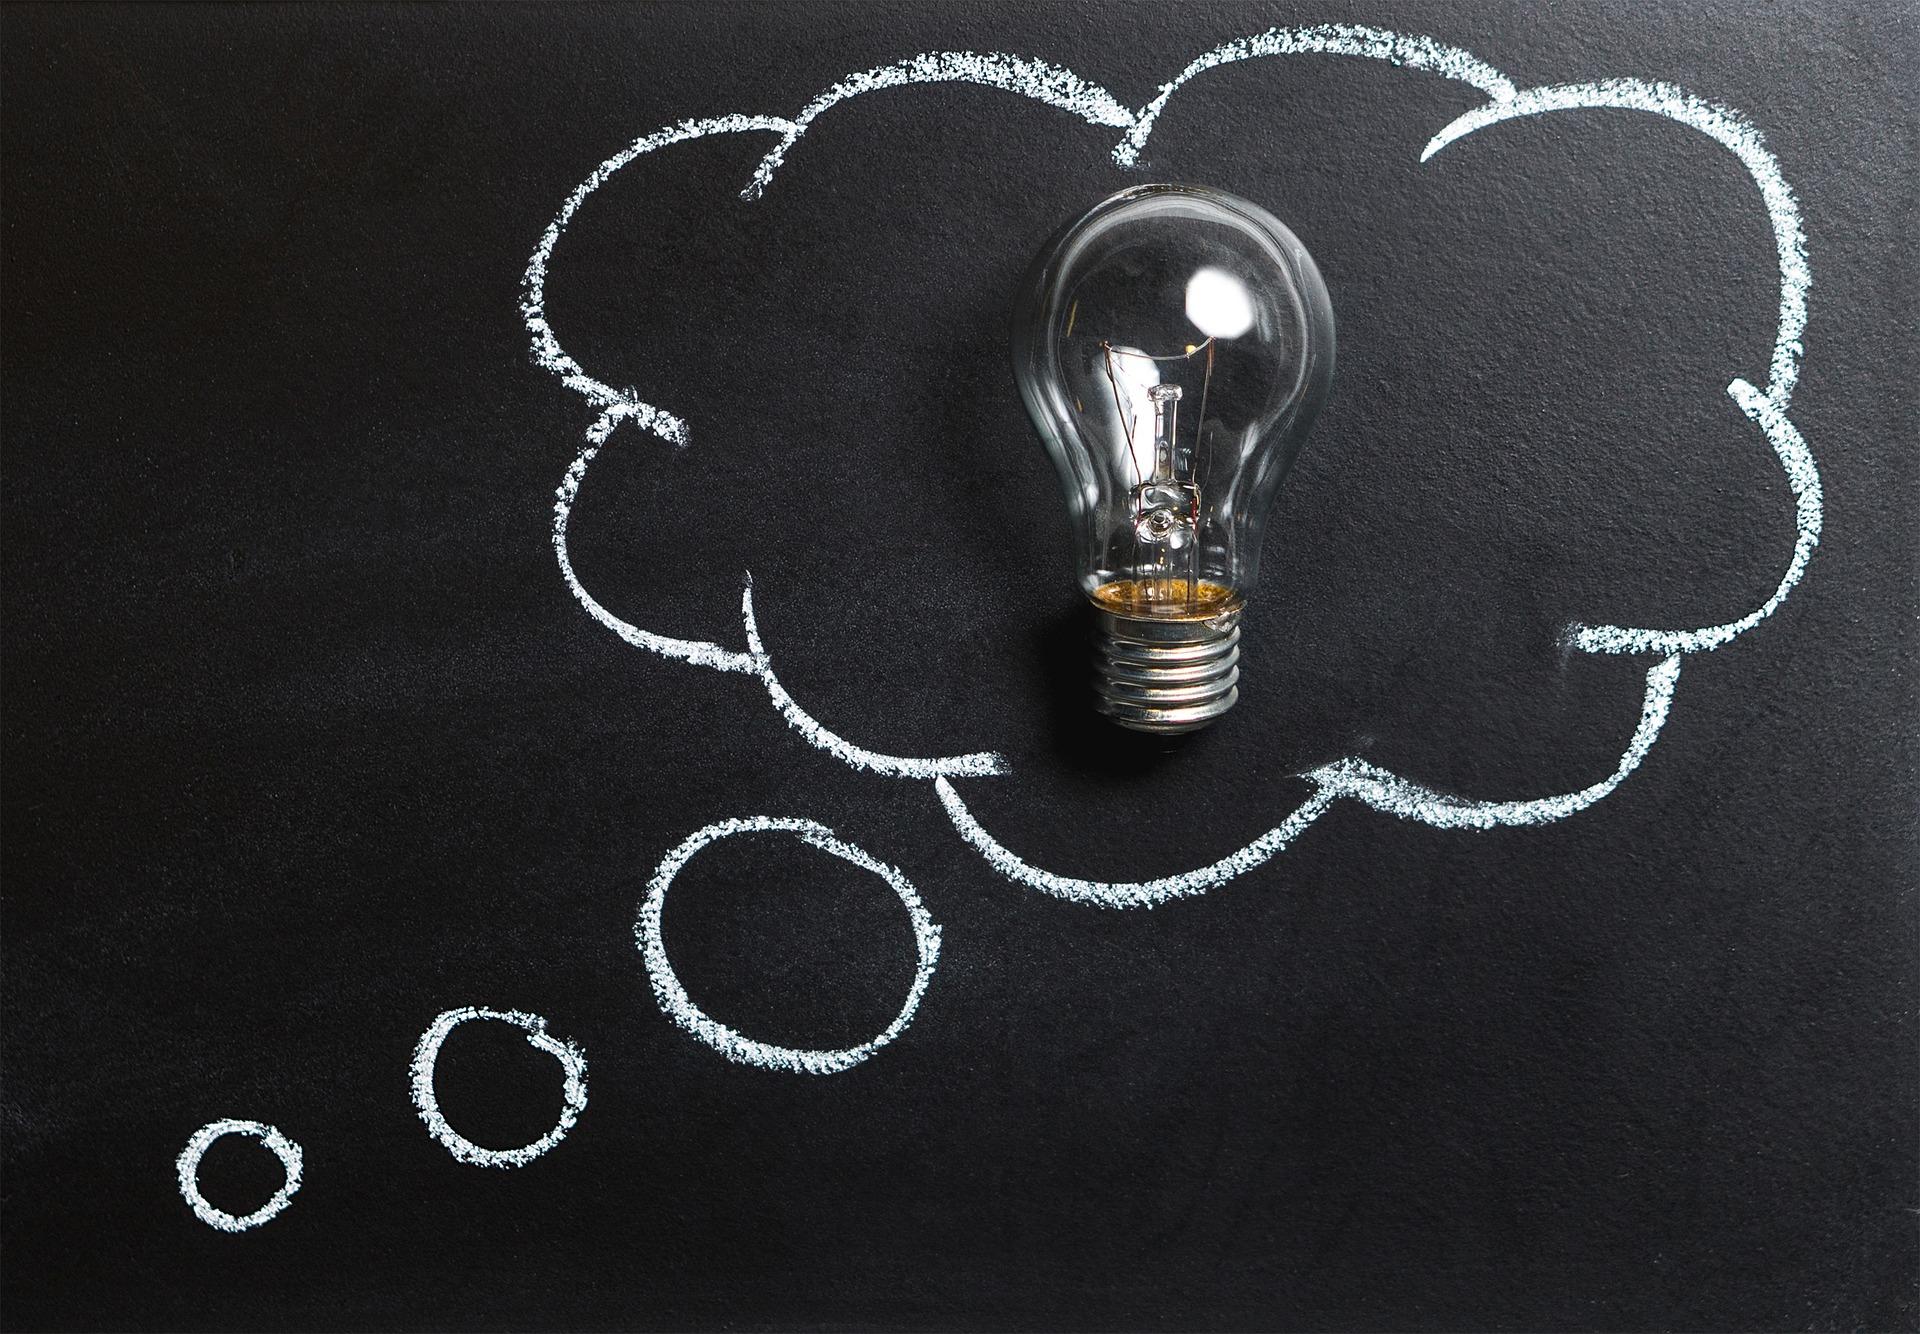 Estimule sua criatividade e tenha uma rama poderosa contra os obstáculos.